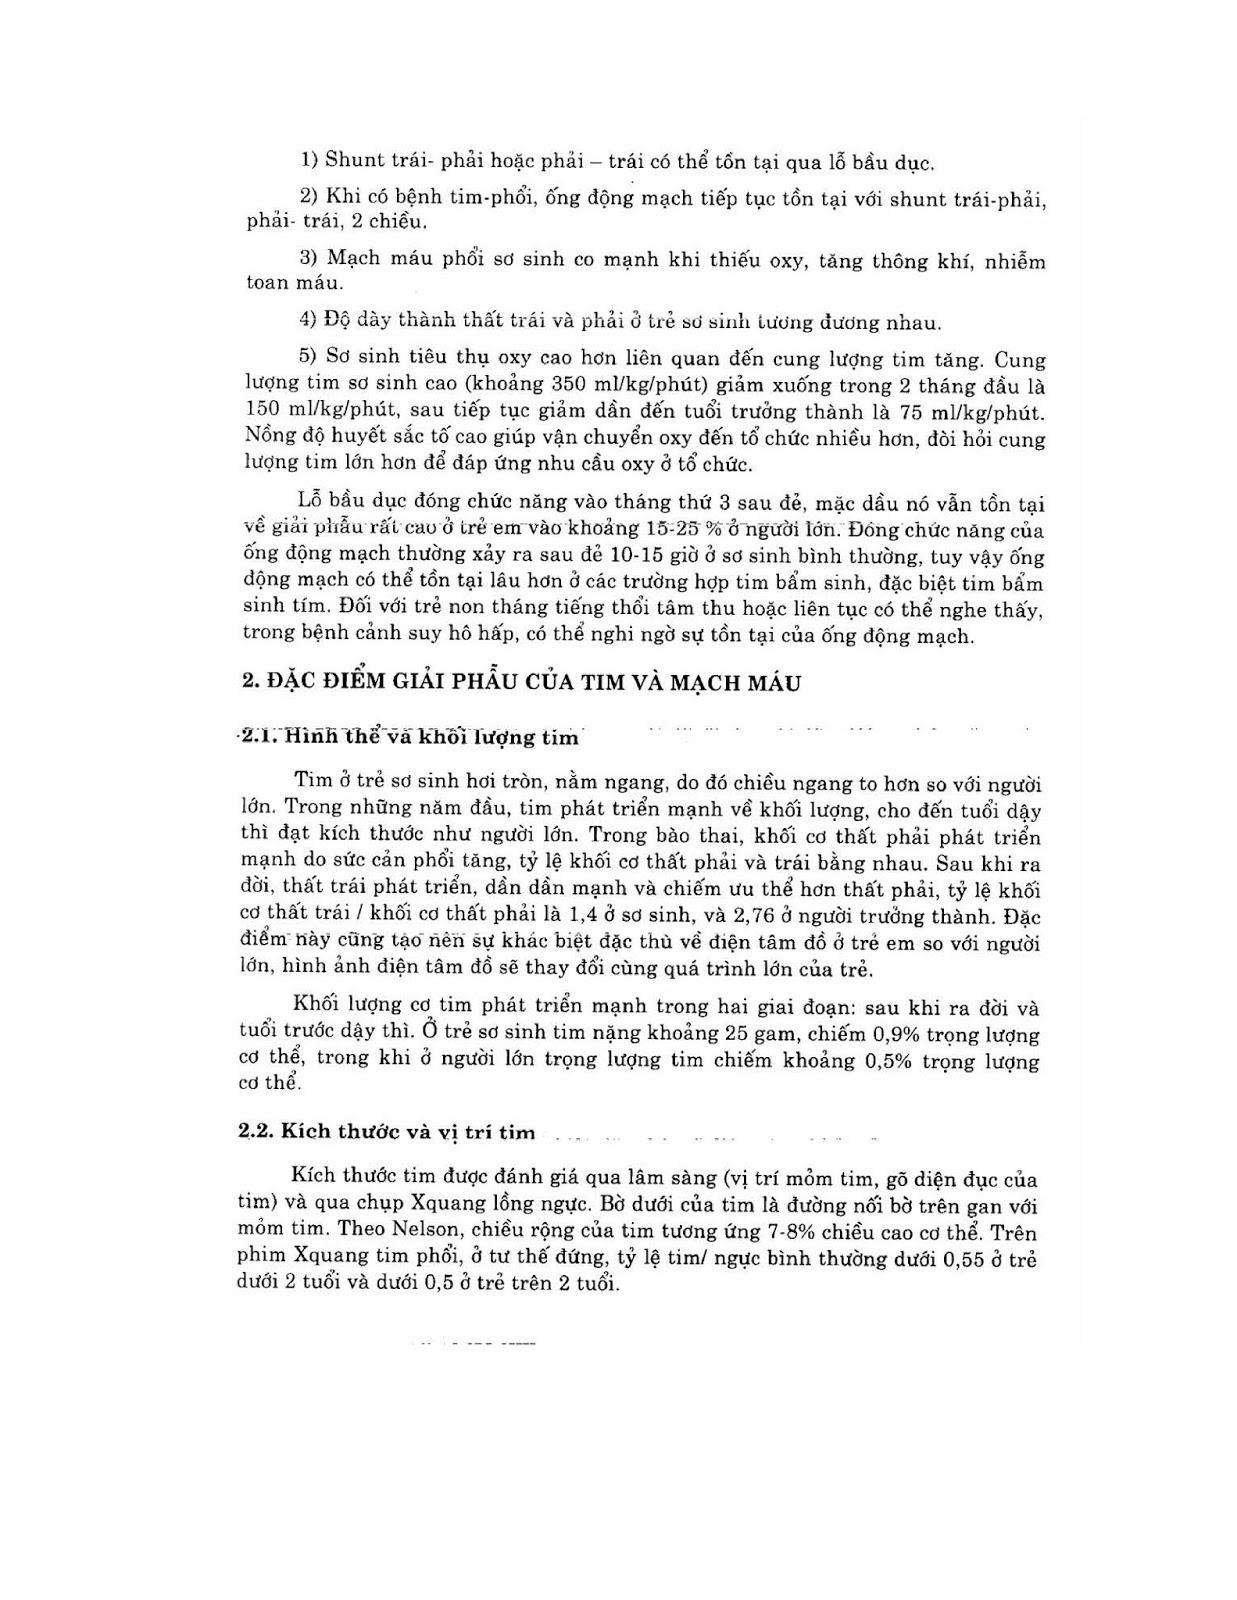 Trang 8 sach Bài giảng Nhi khoa - ĐH Y Hà Nội (Tập 2)